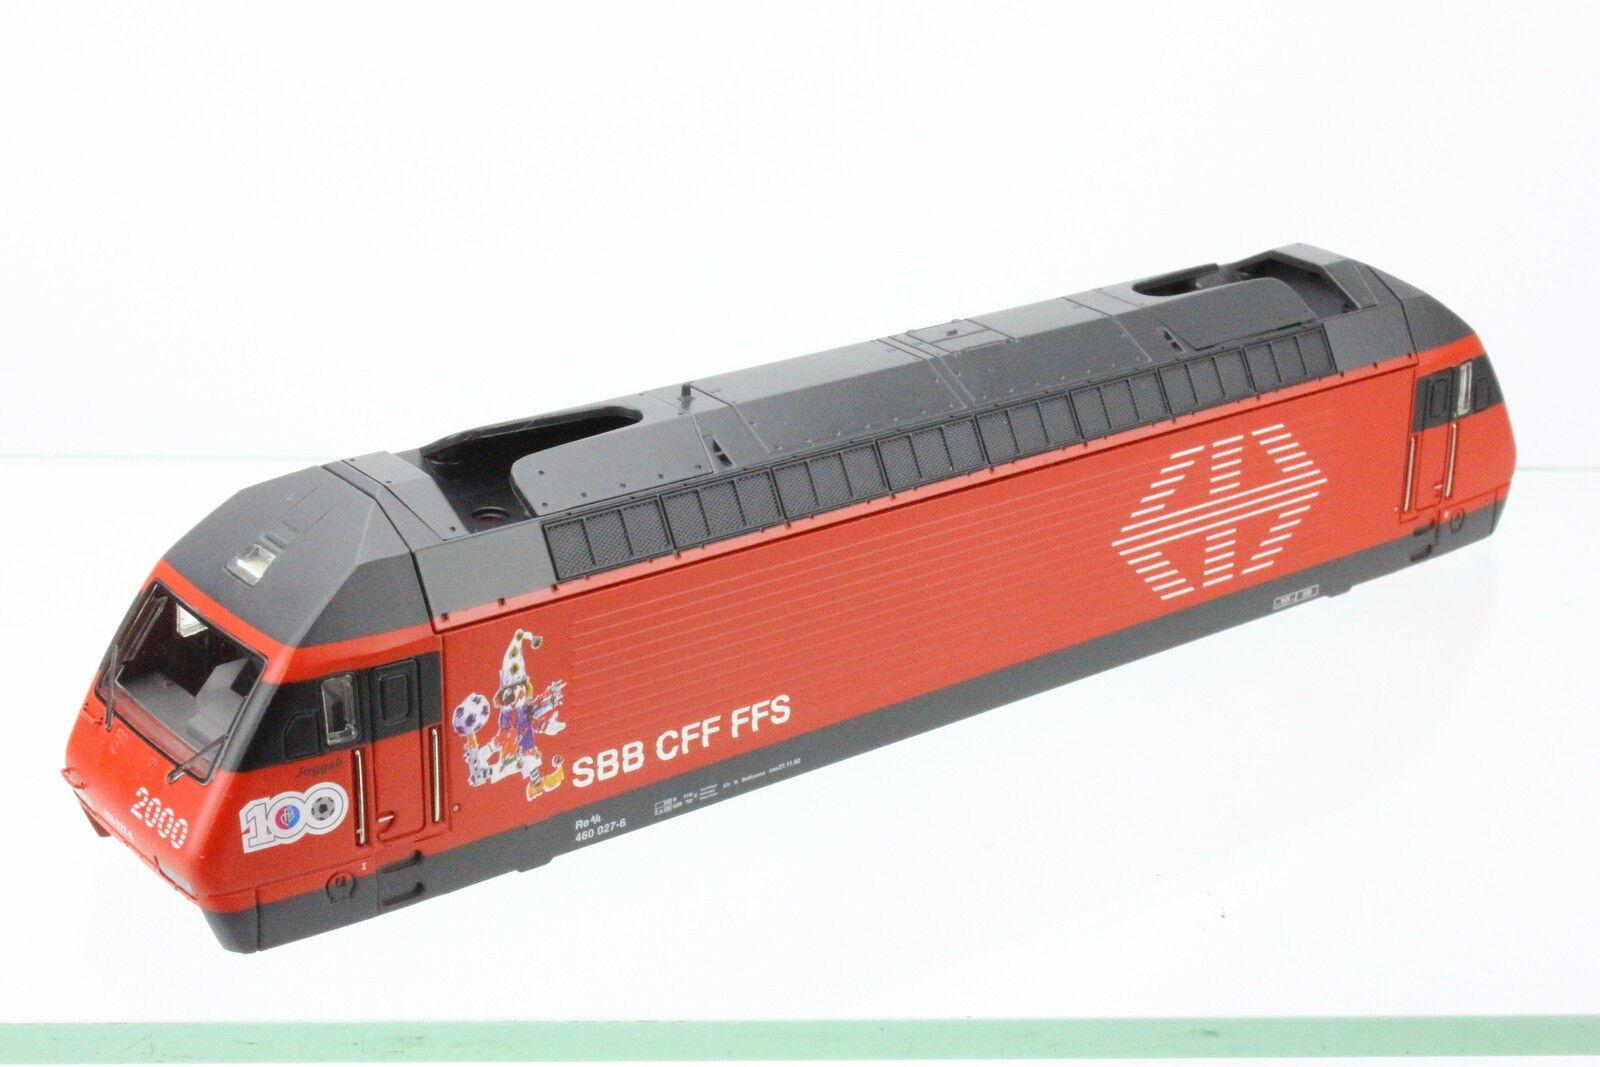 83460 chassis costruzione di e-Lok re 4/4 46002-6 SBB modello speciale  Joggeli